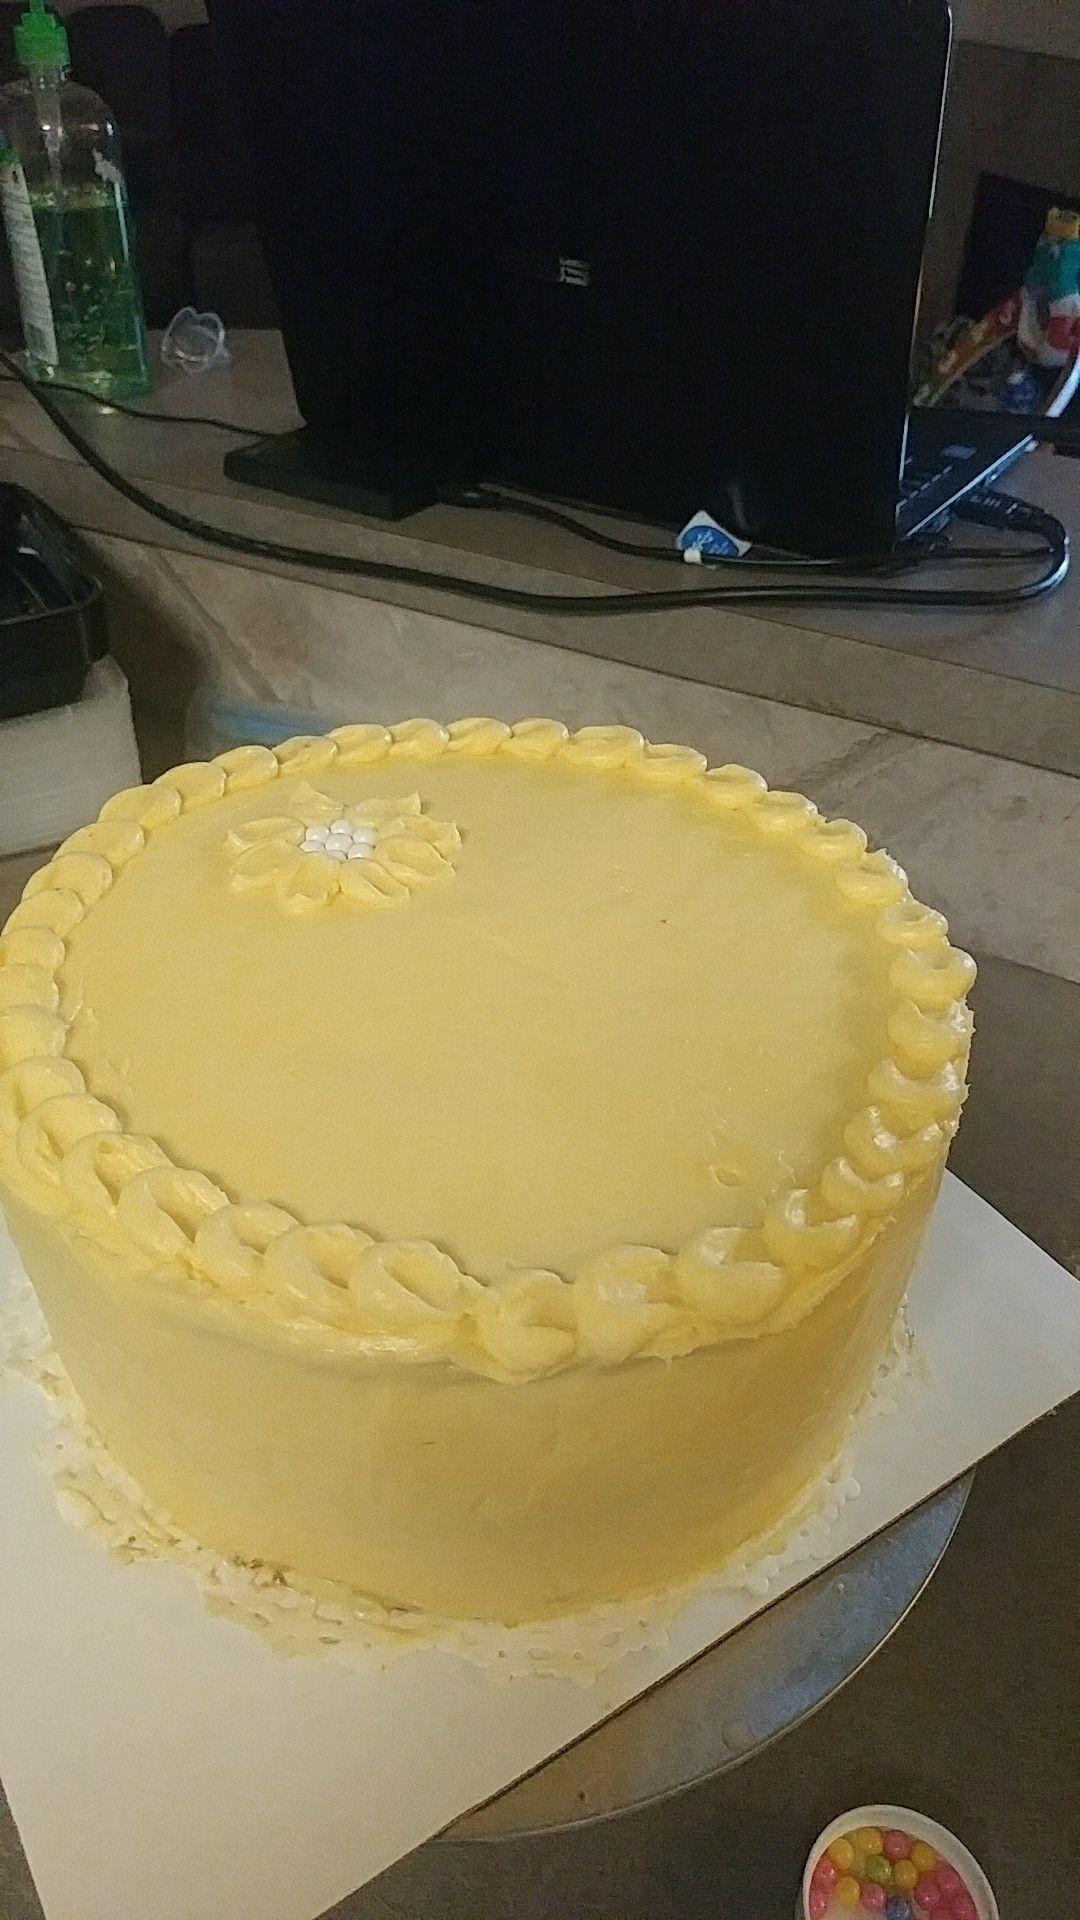 Lemon cake with flower | Crawley Cakes | Pinterest | Lemon and Cake